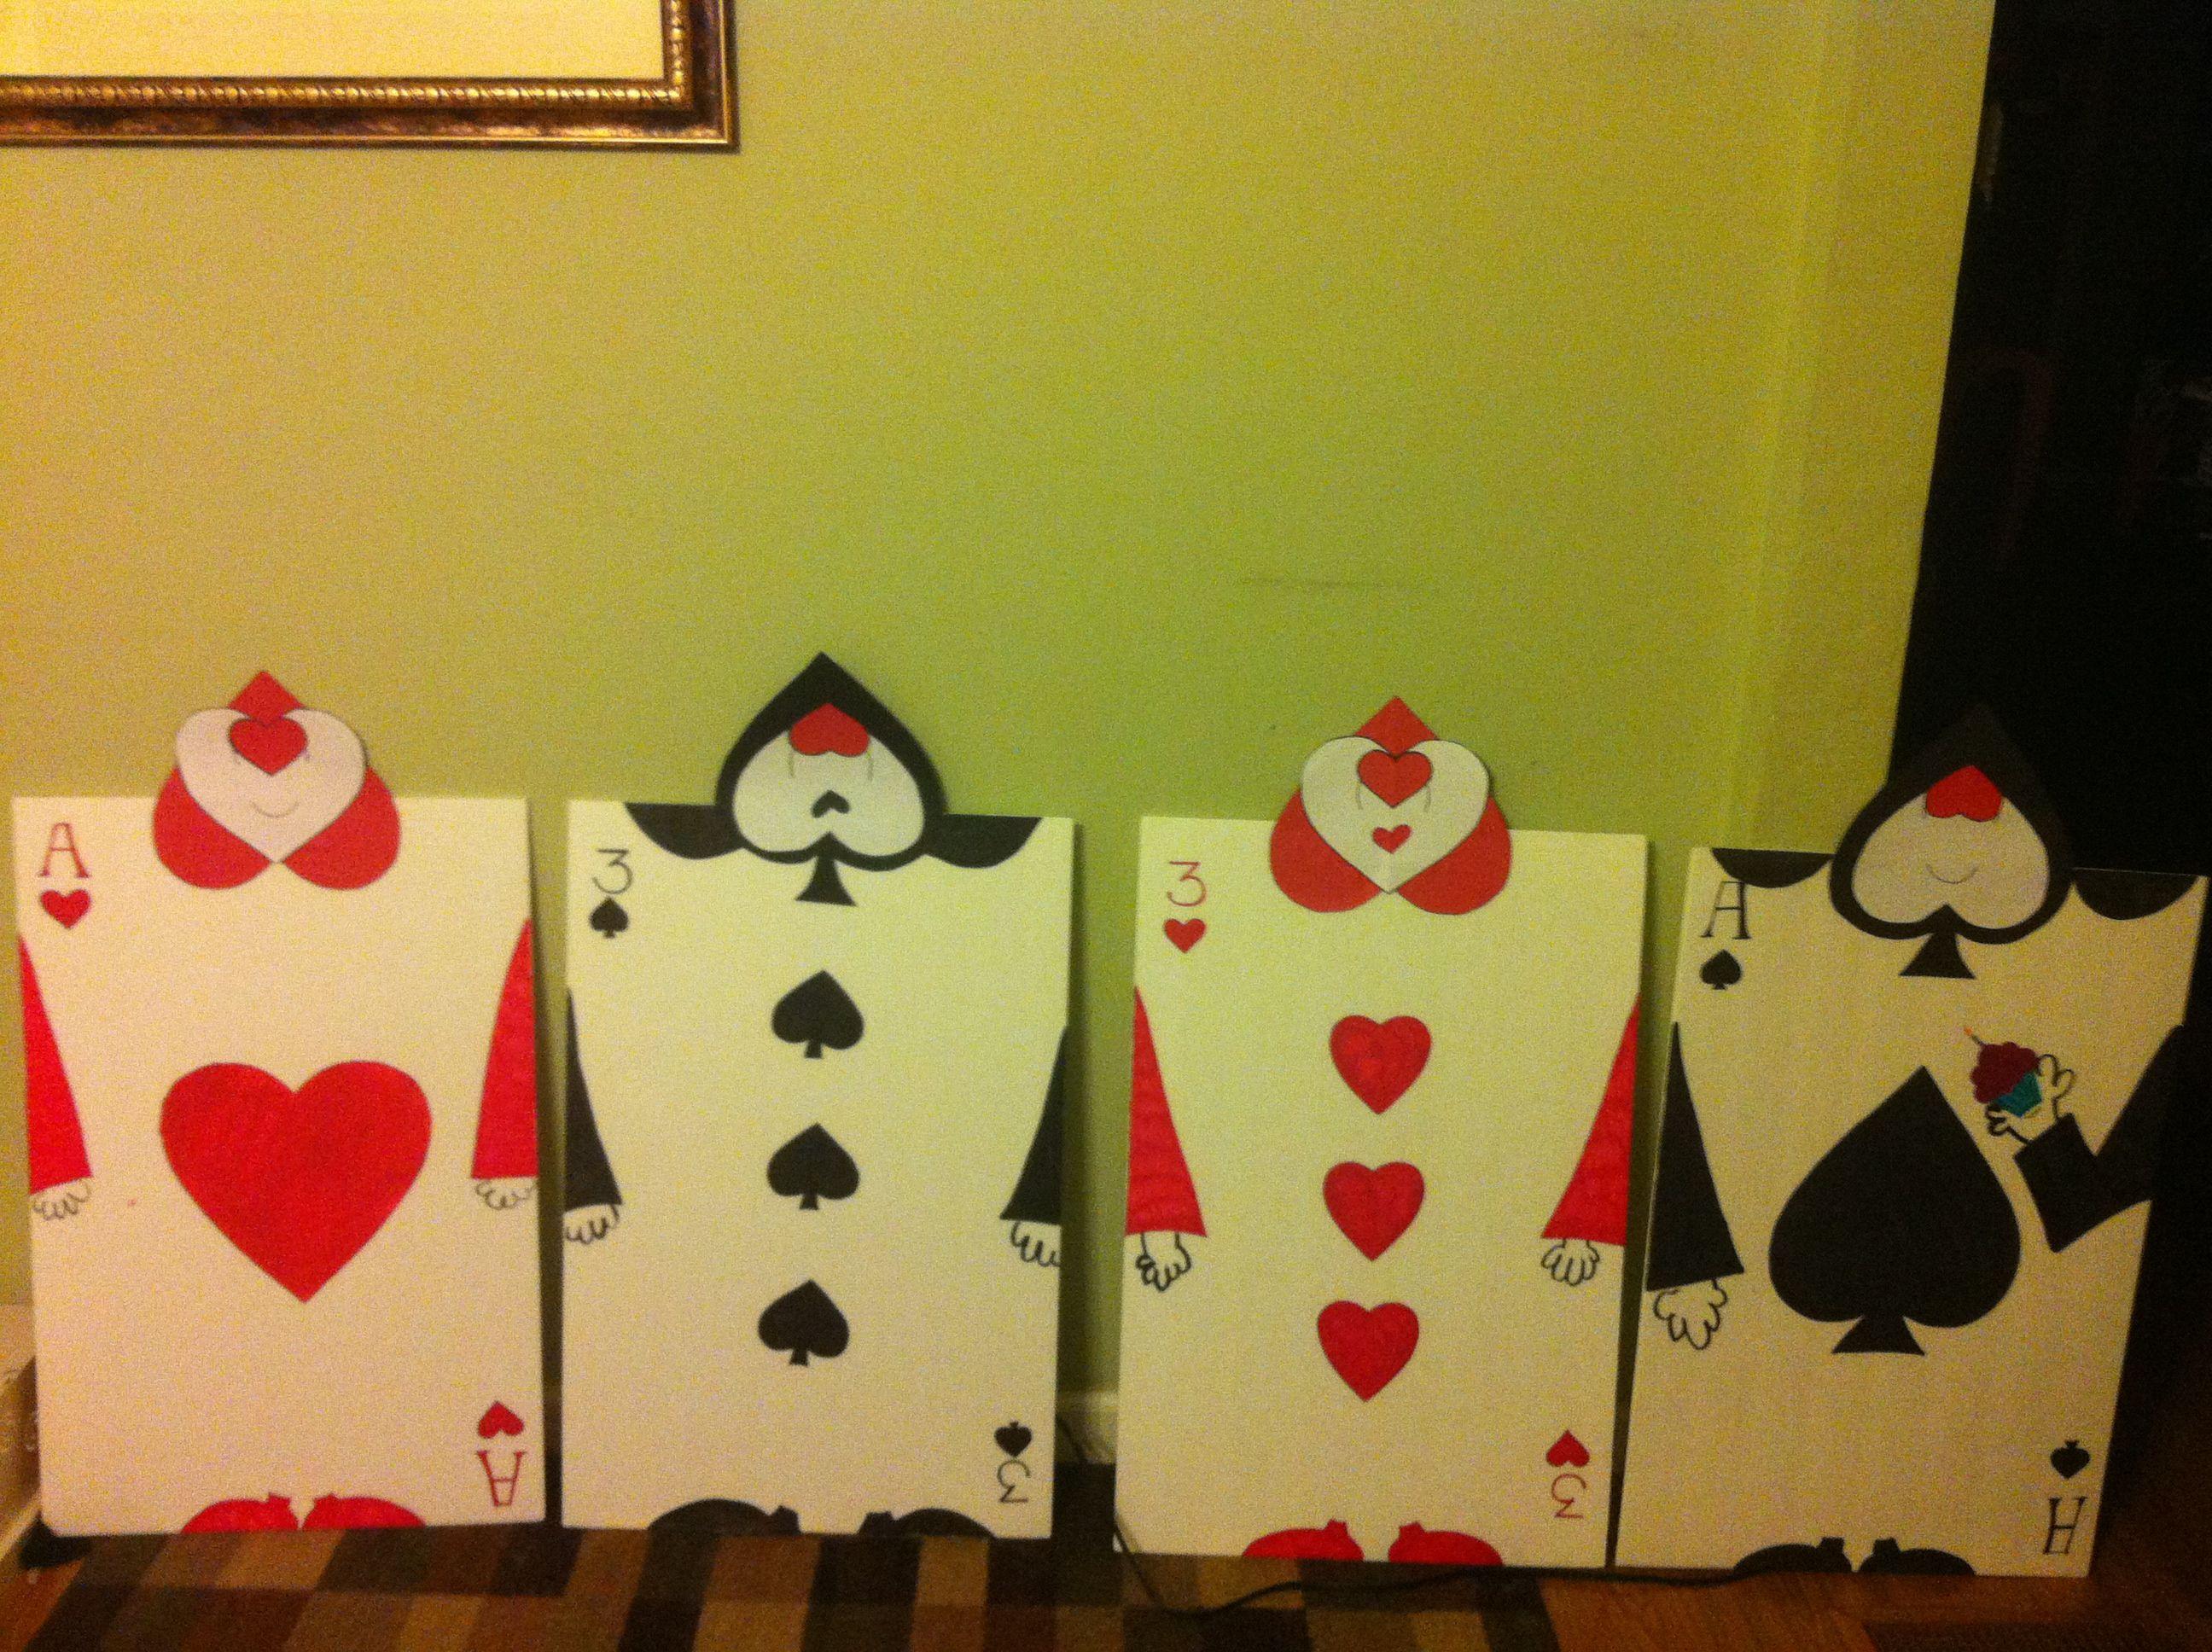 Diy Card Guards For Alice In Wonderland Party Wonderland Party Alice In Wonderland Party Alice In Wonderland